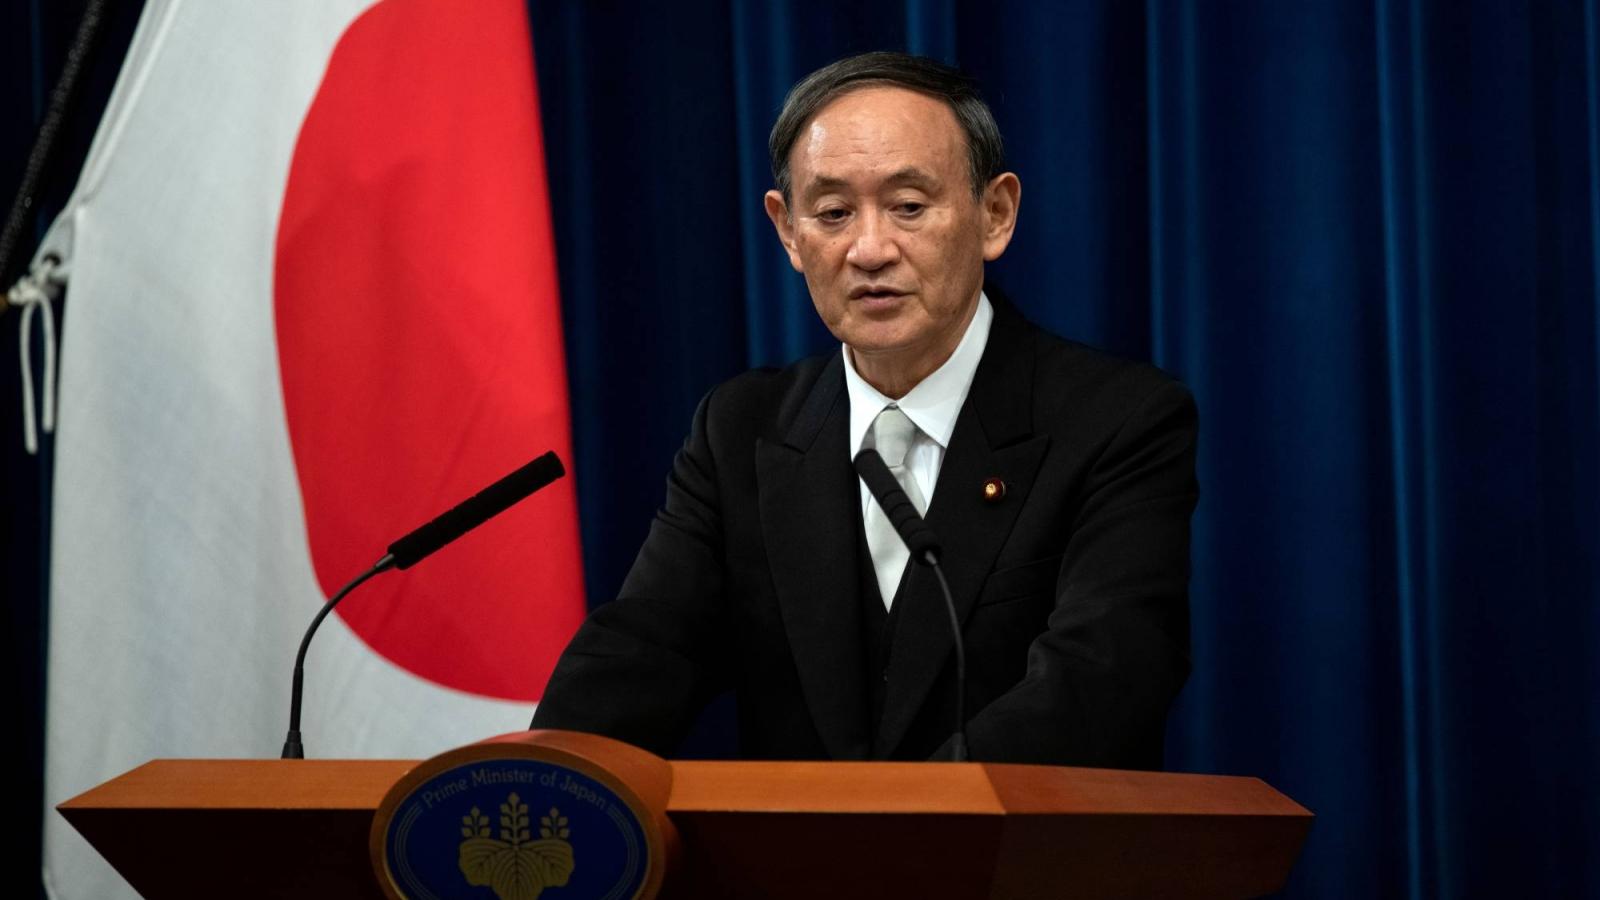 Nhật Bản tìm Philippines và Ấn Độ để củng cố hợp tác Ấn Độ Dương-Thái Bình Dương